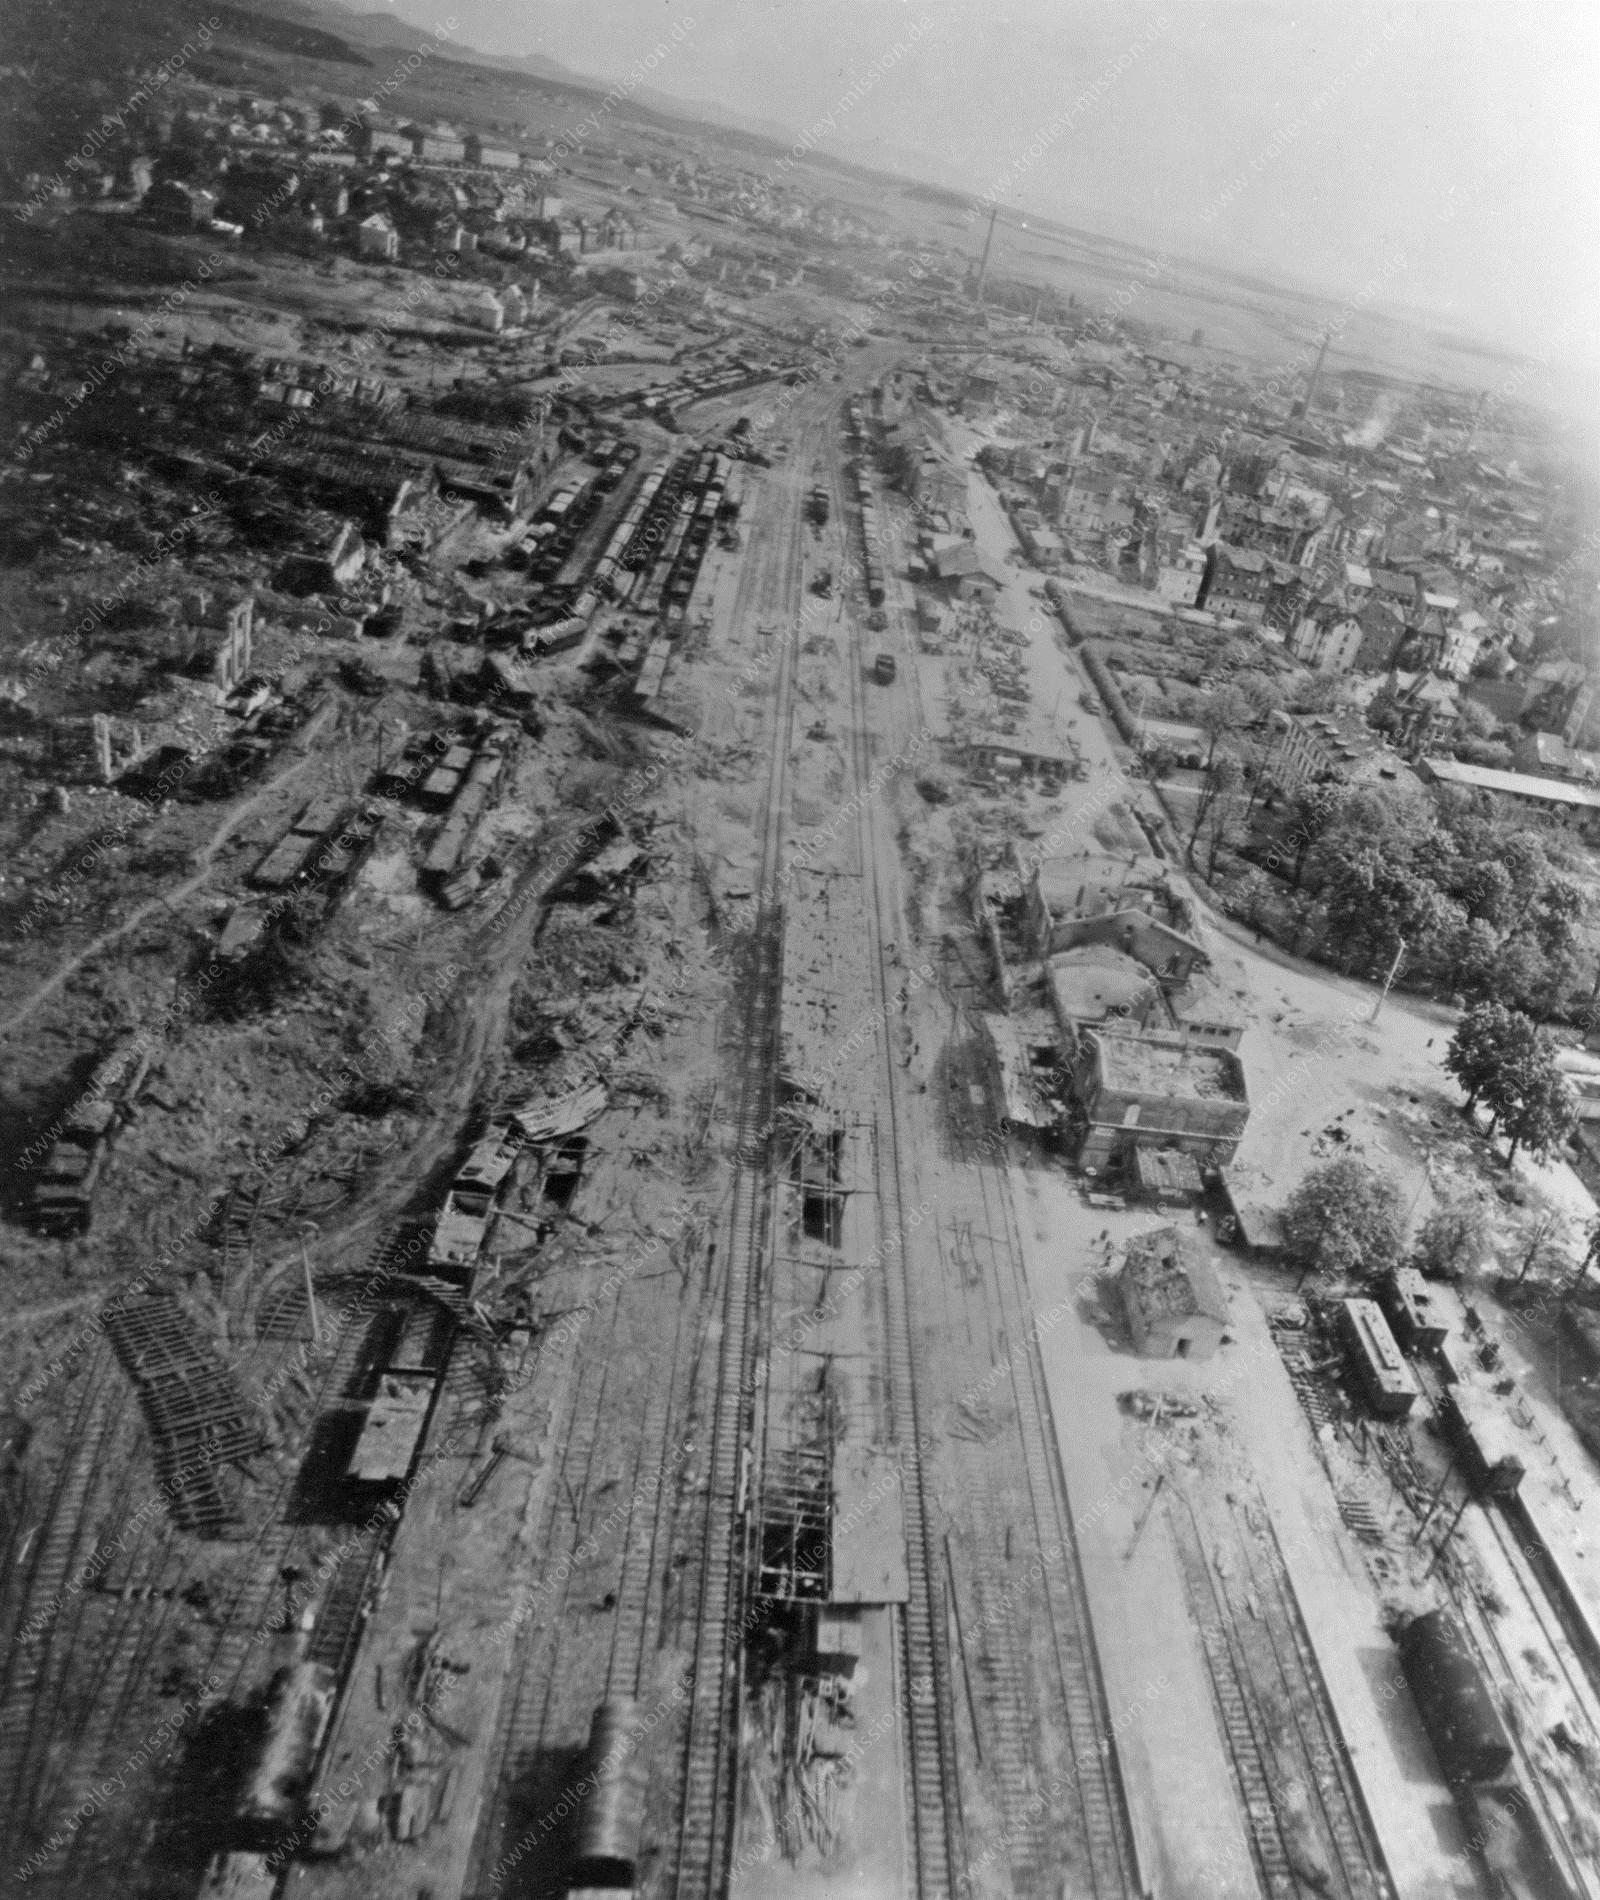 Bahnhof Fulda im Mai 1945 mit dem alten Ausbesserungswerk der Deutschen Reichsbahn